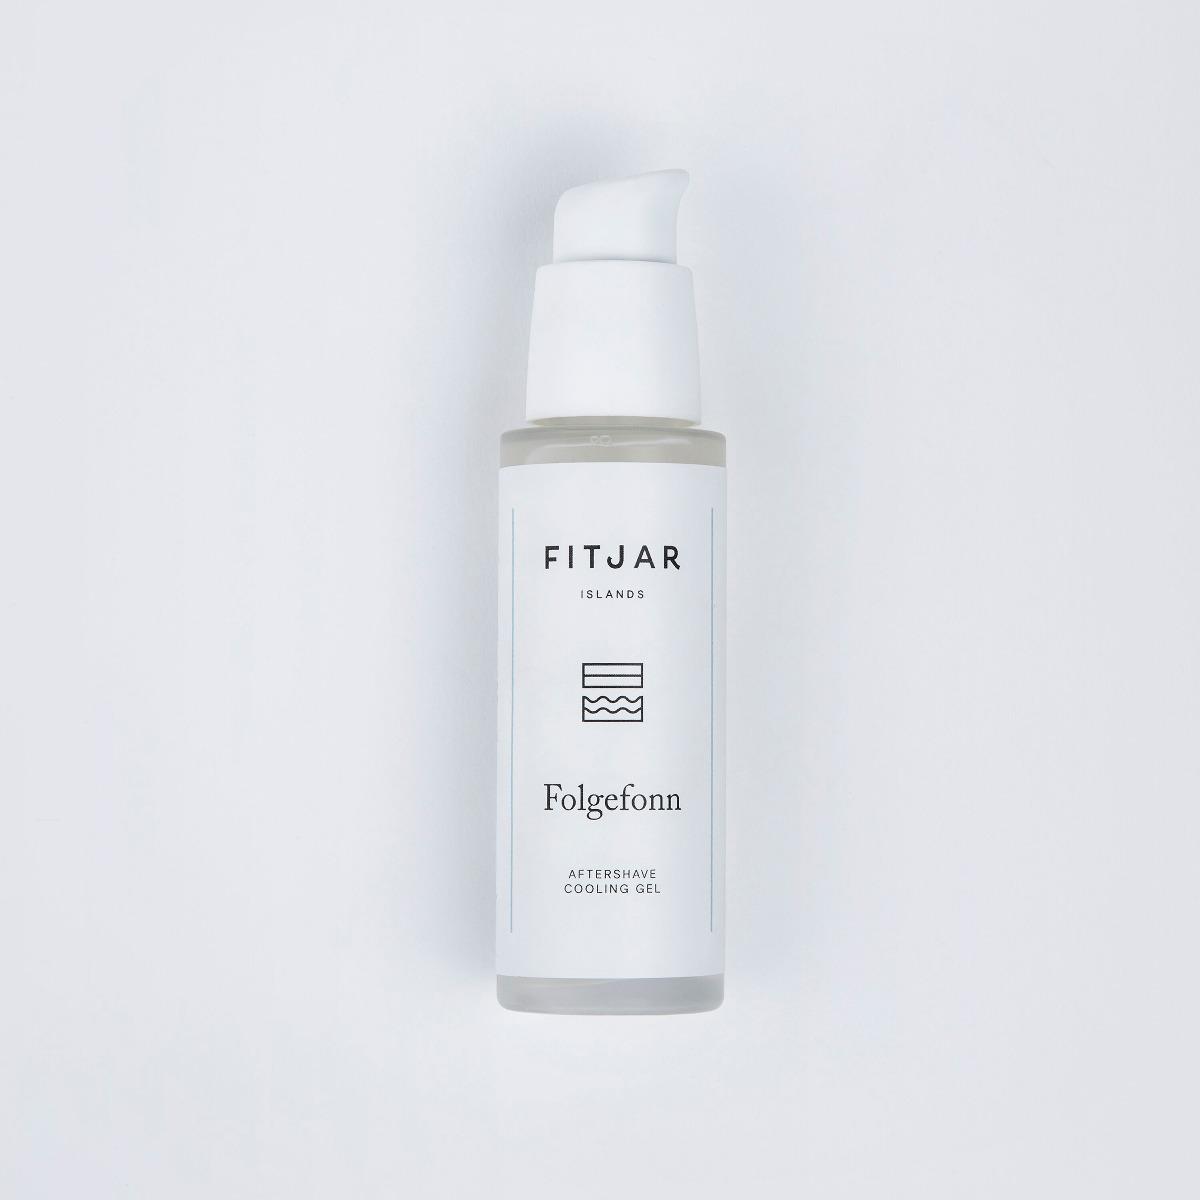 Fitjar Islands Folgefonn Aftershave Cooling Gel 50ml